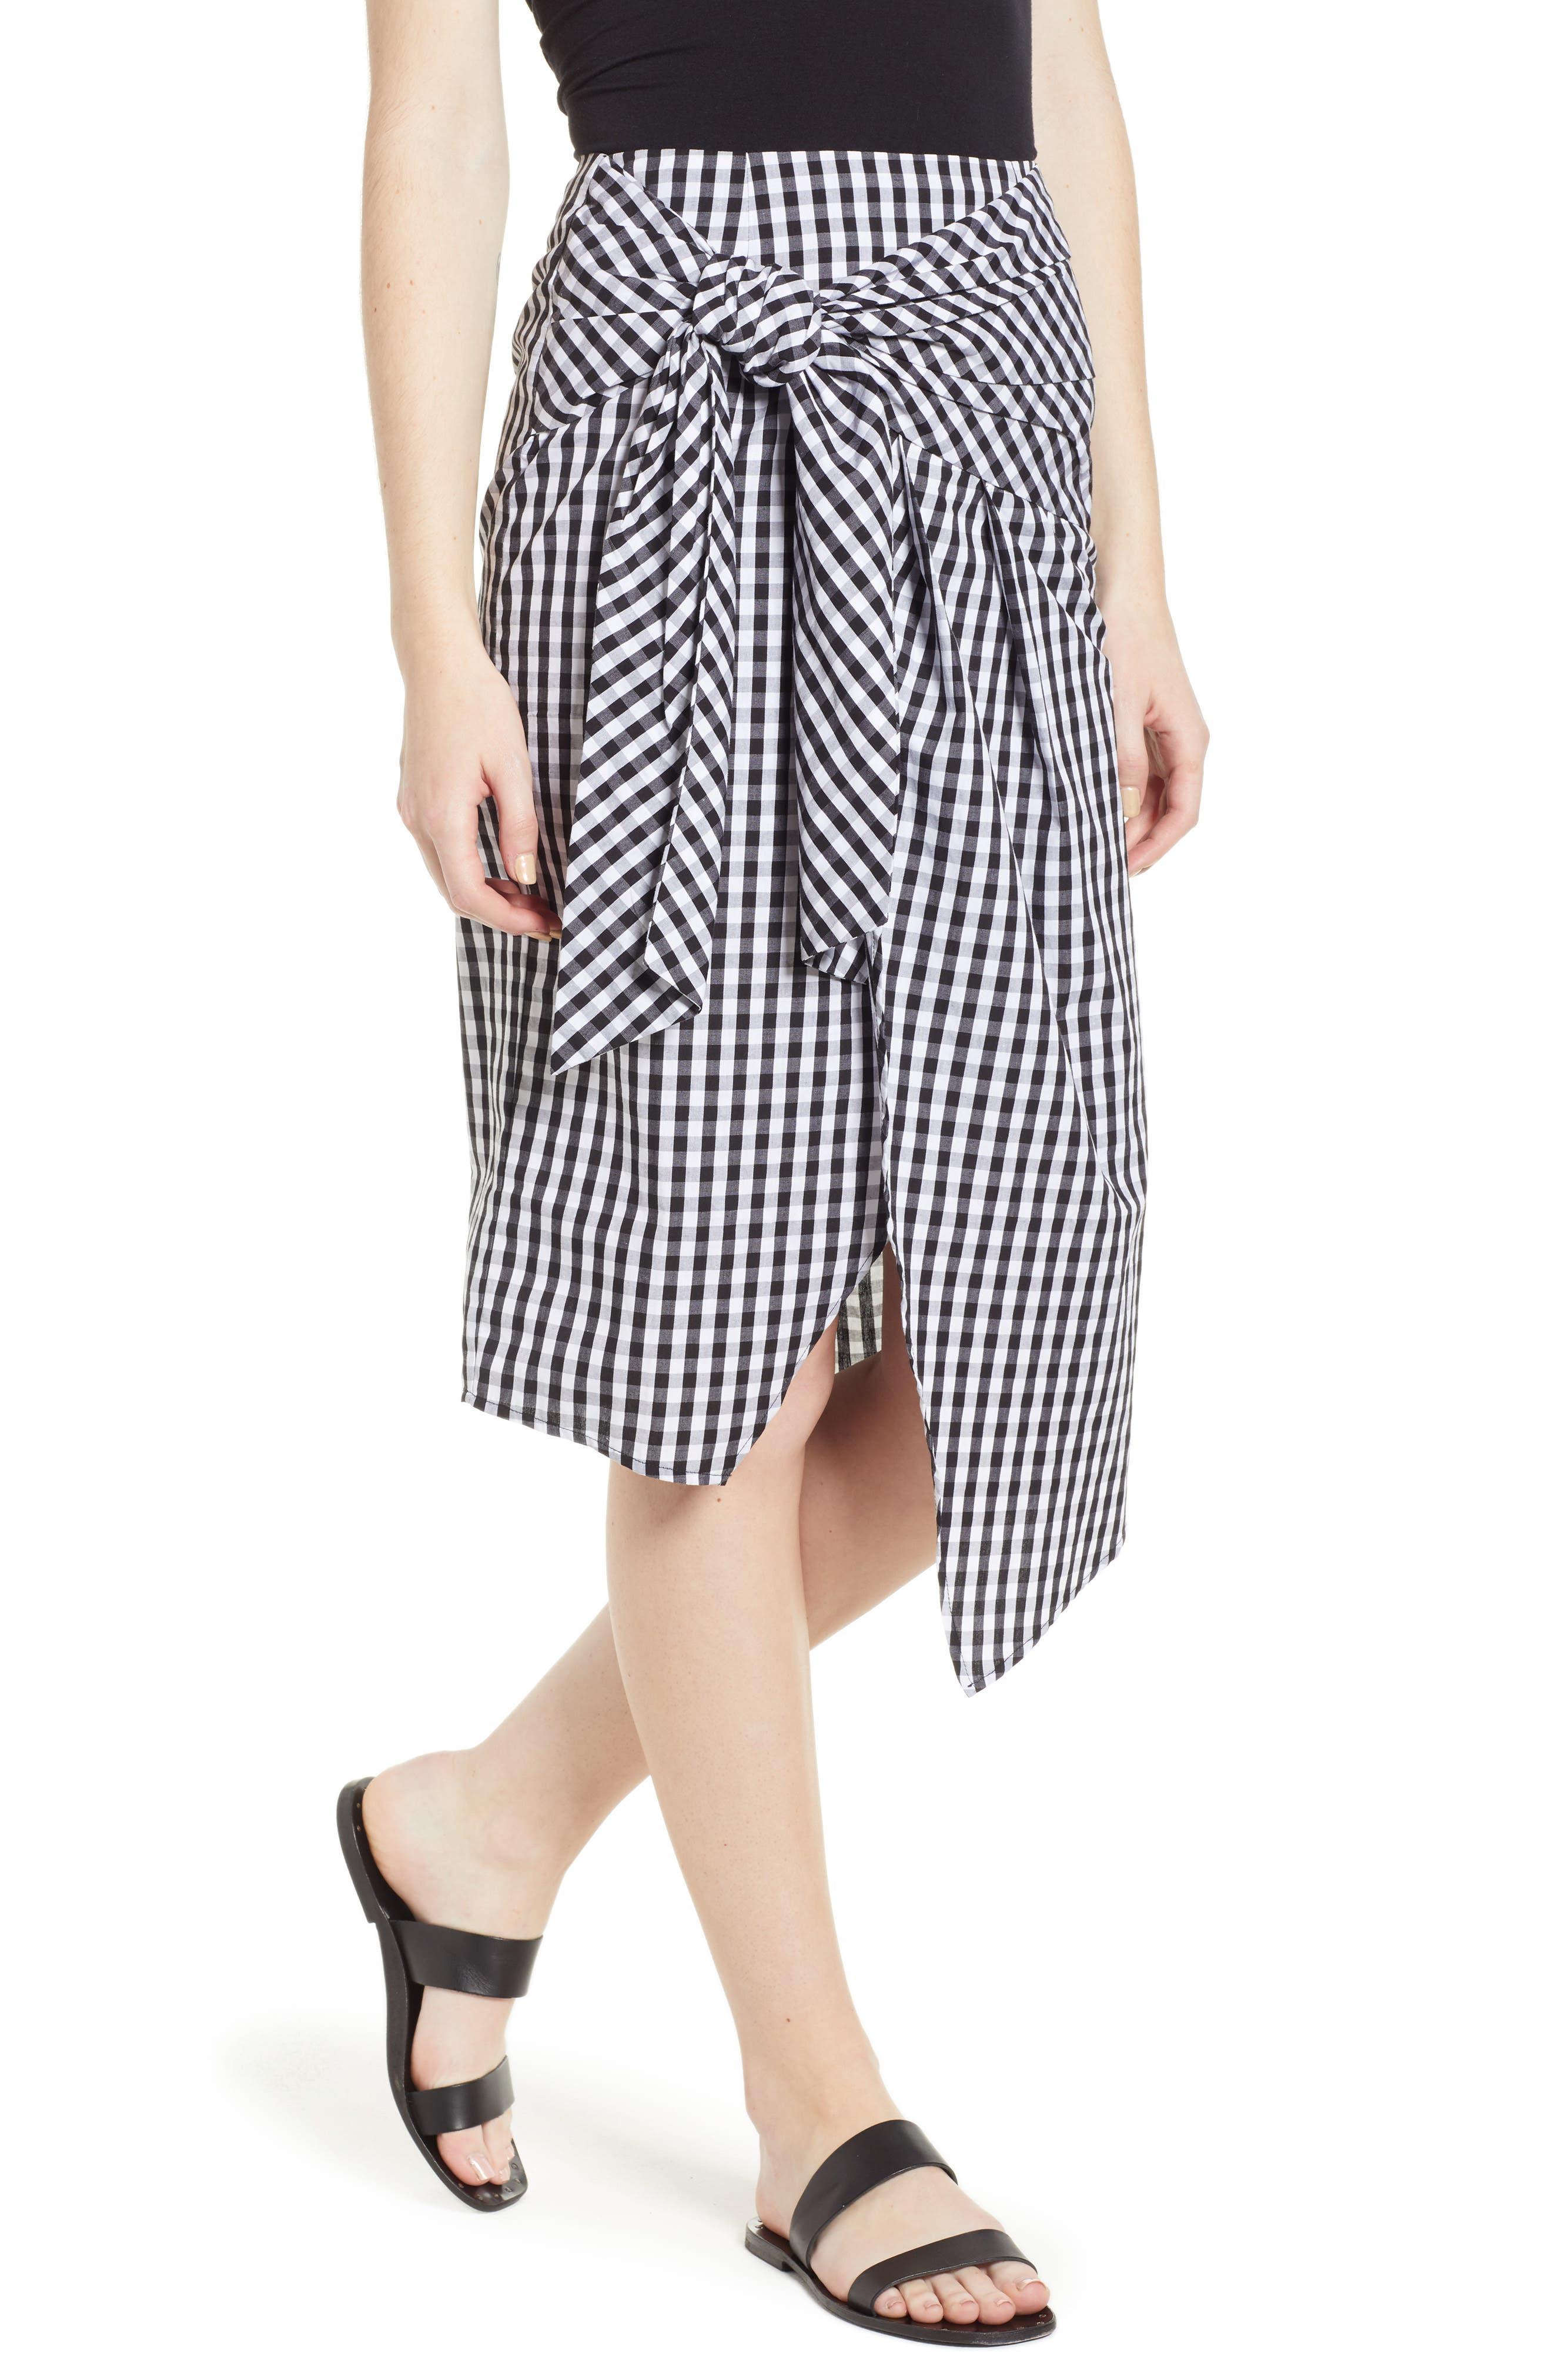 Gingham Tie Waist Skirt,                         Main,                         color, Black/ White Gingham